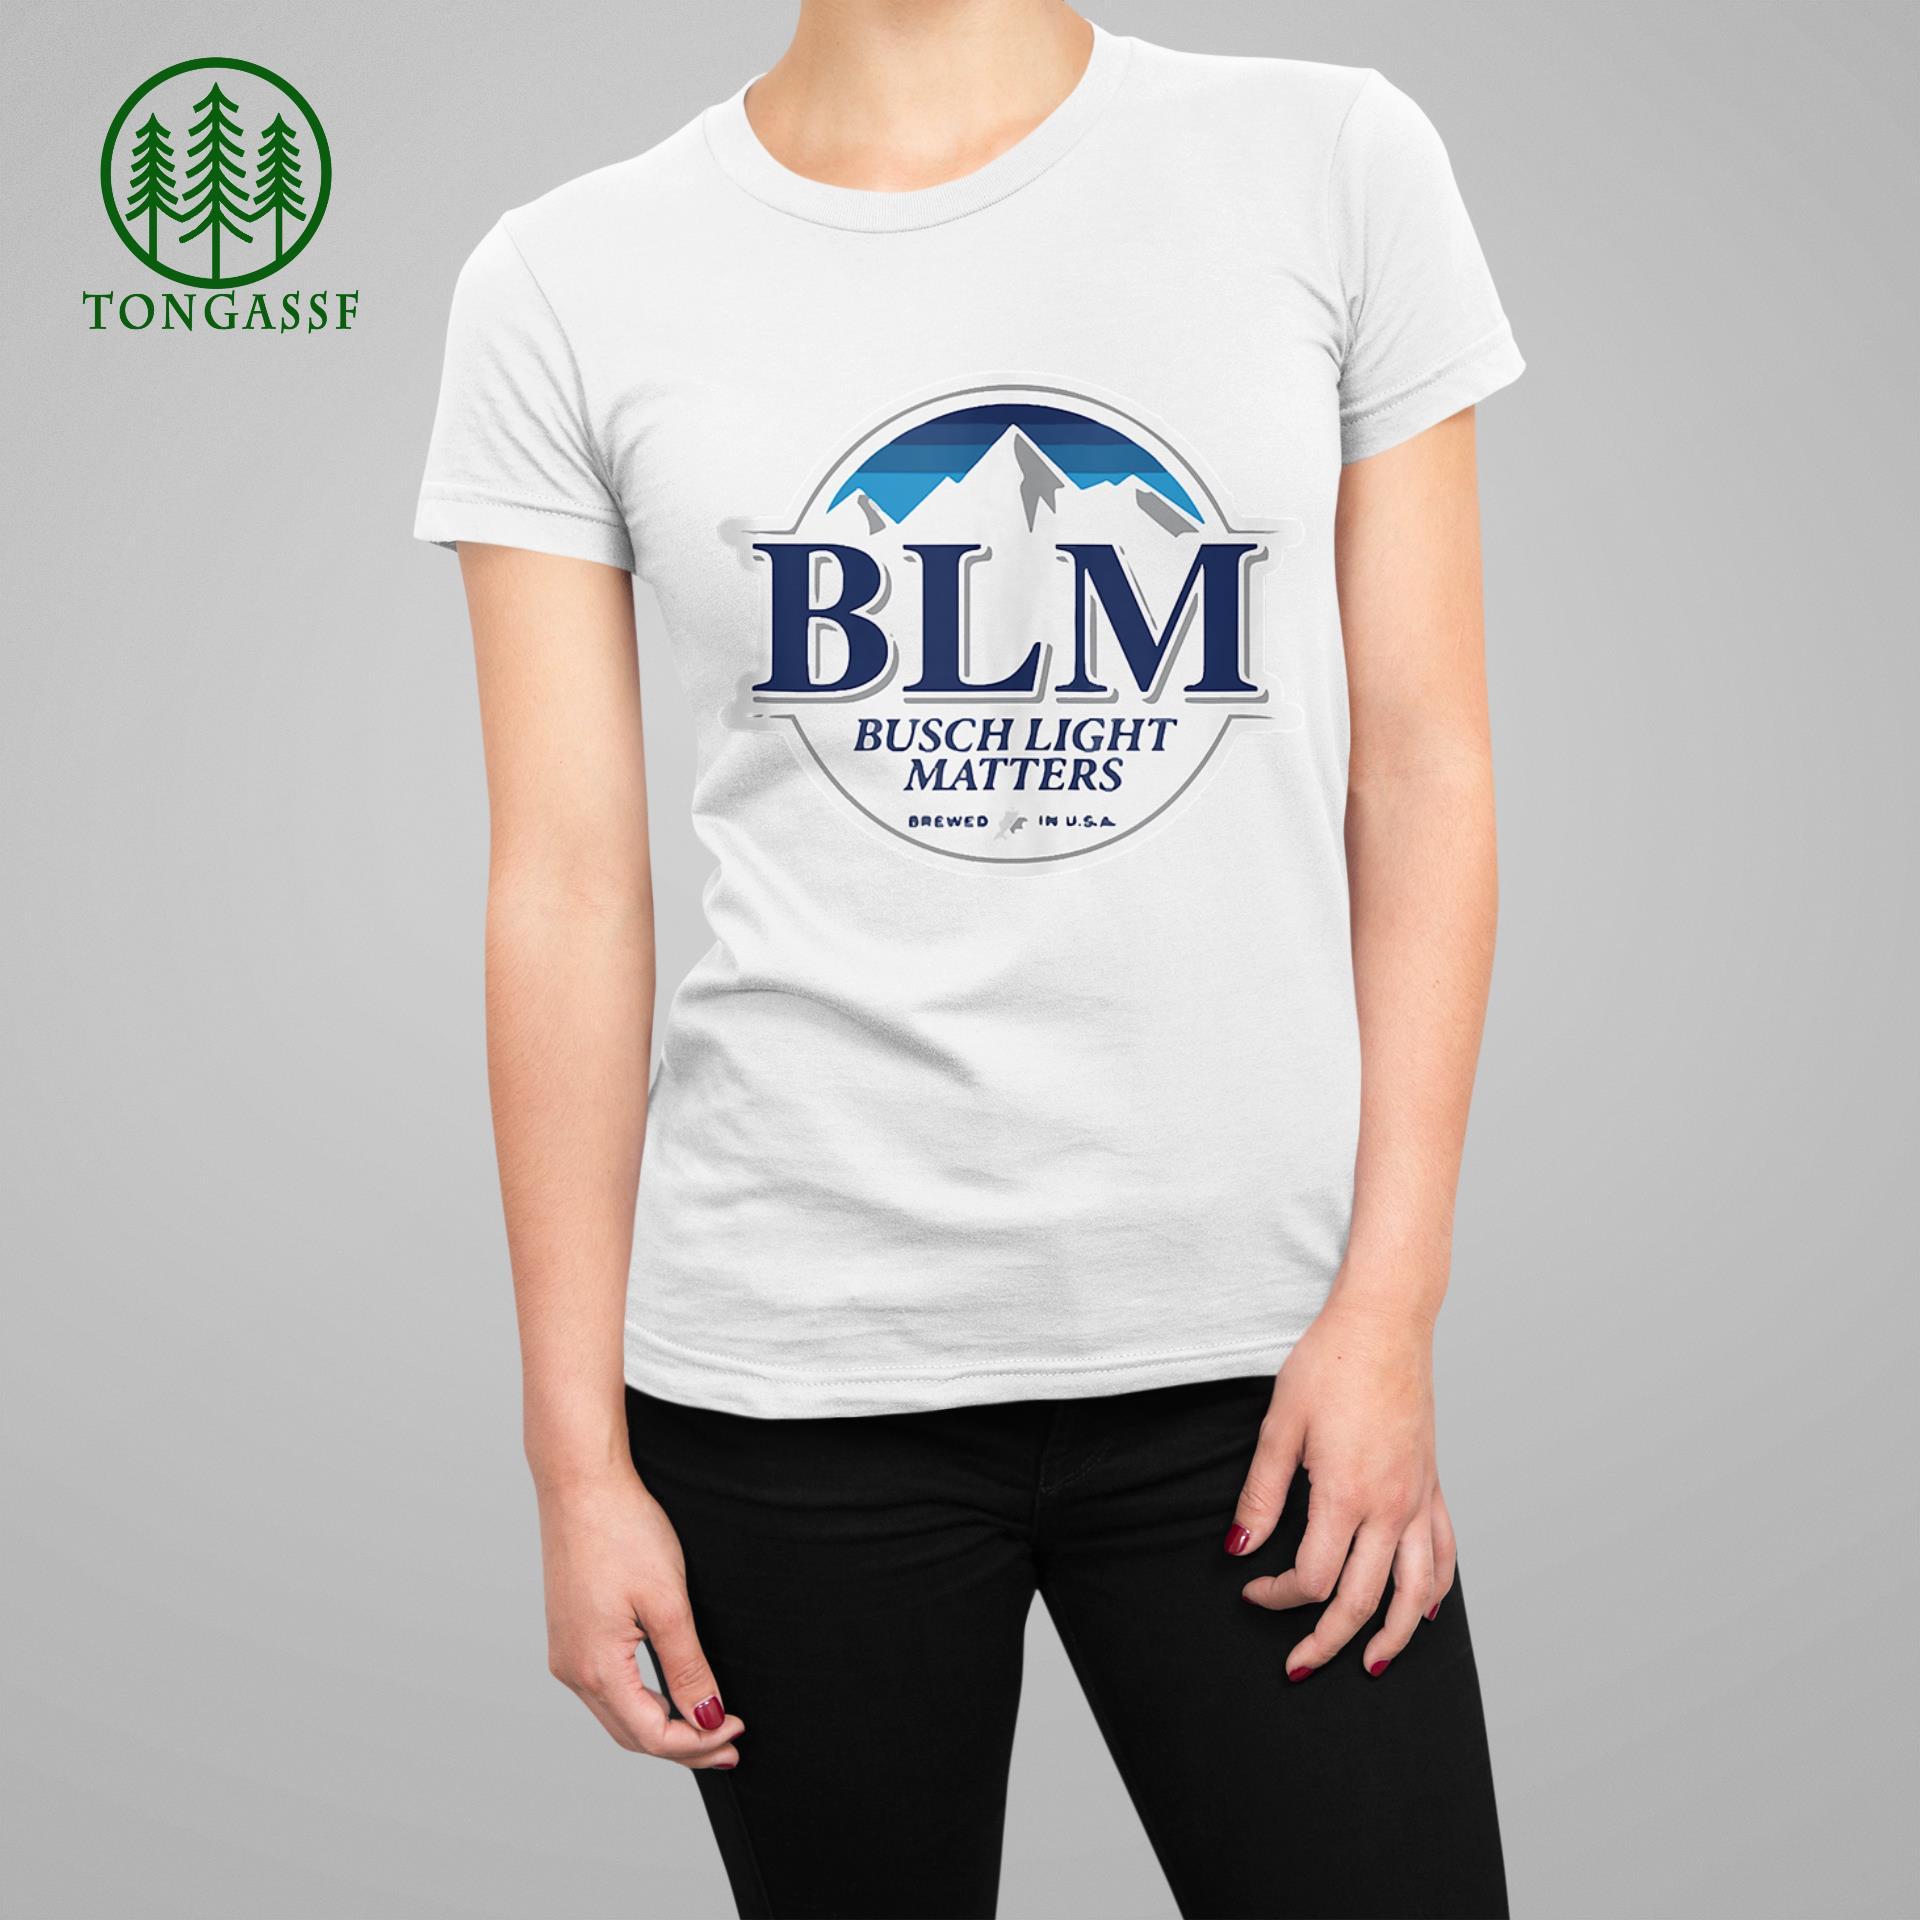 Busch light matters beer Shirt